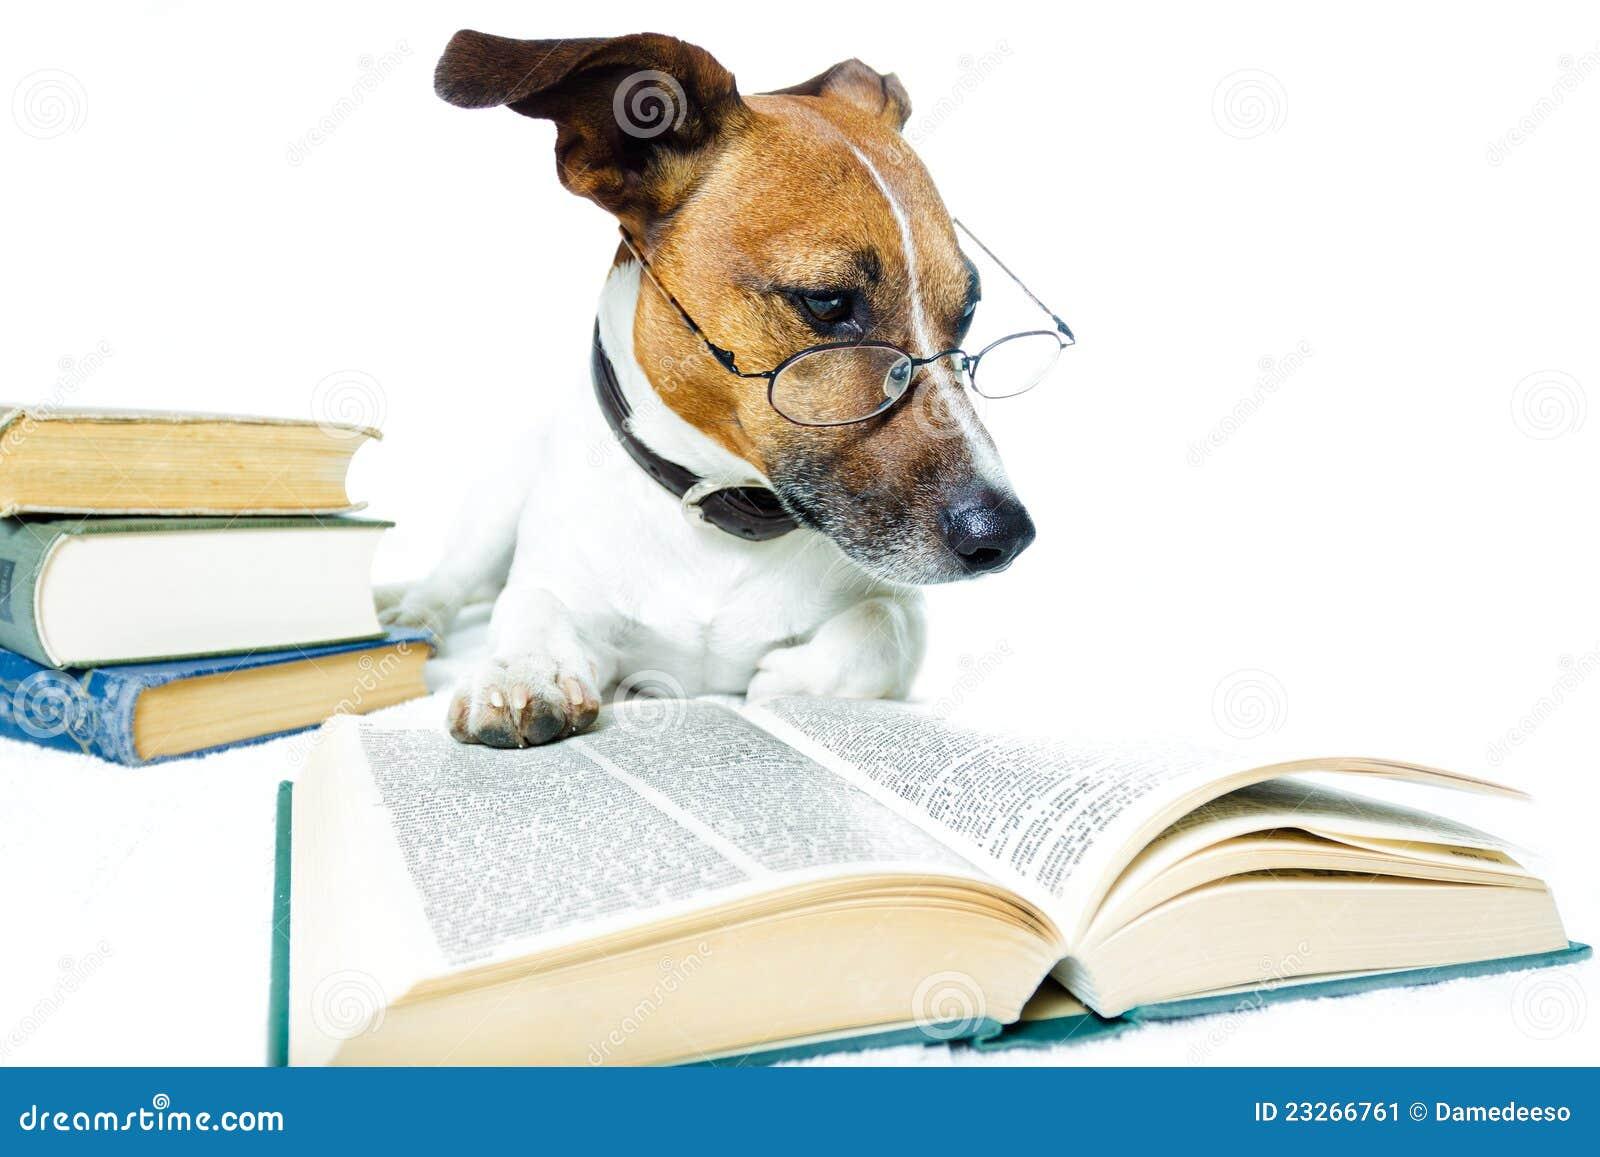 Dog Reading Books Stock Image - Image: 23266761